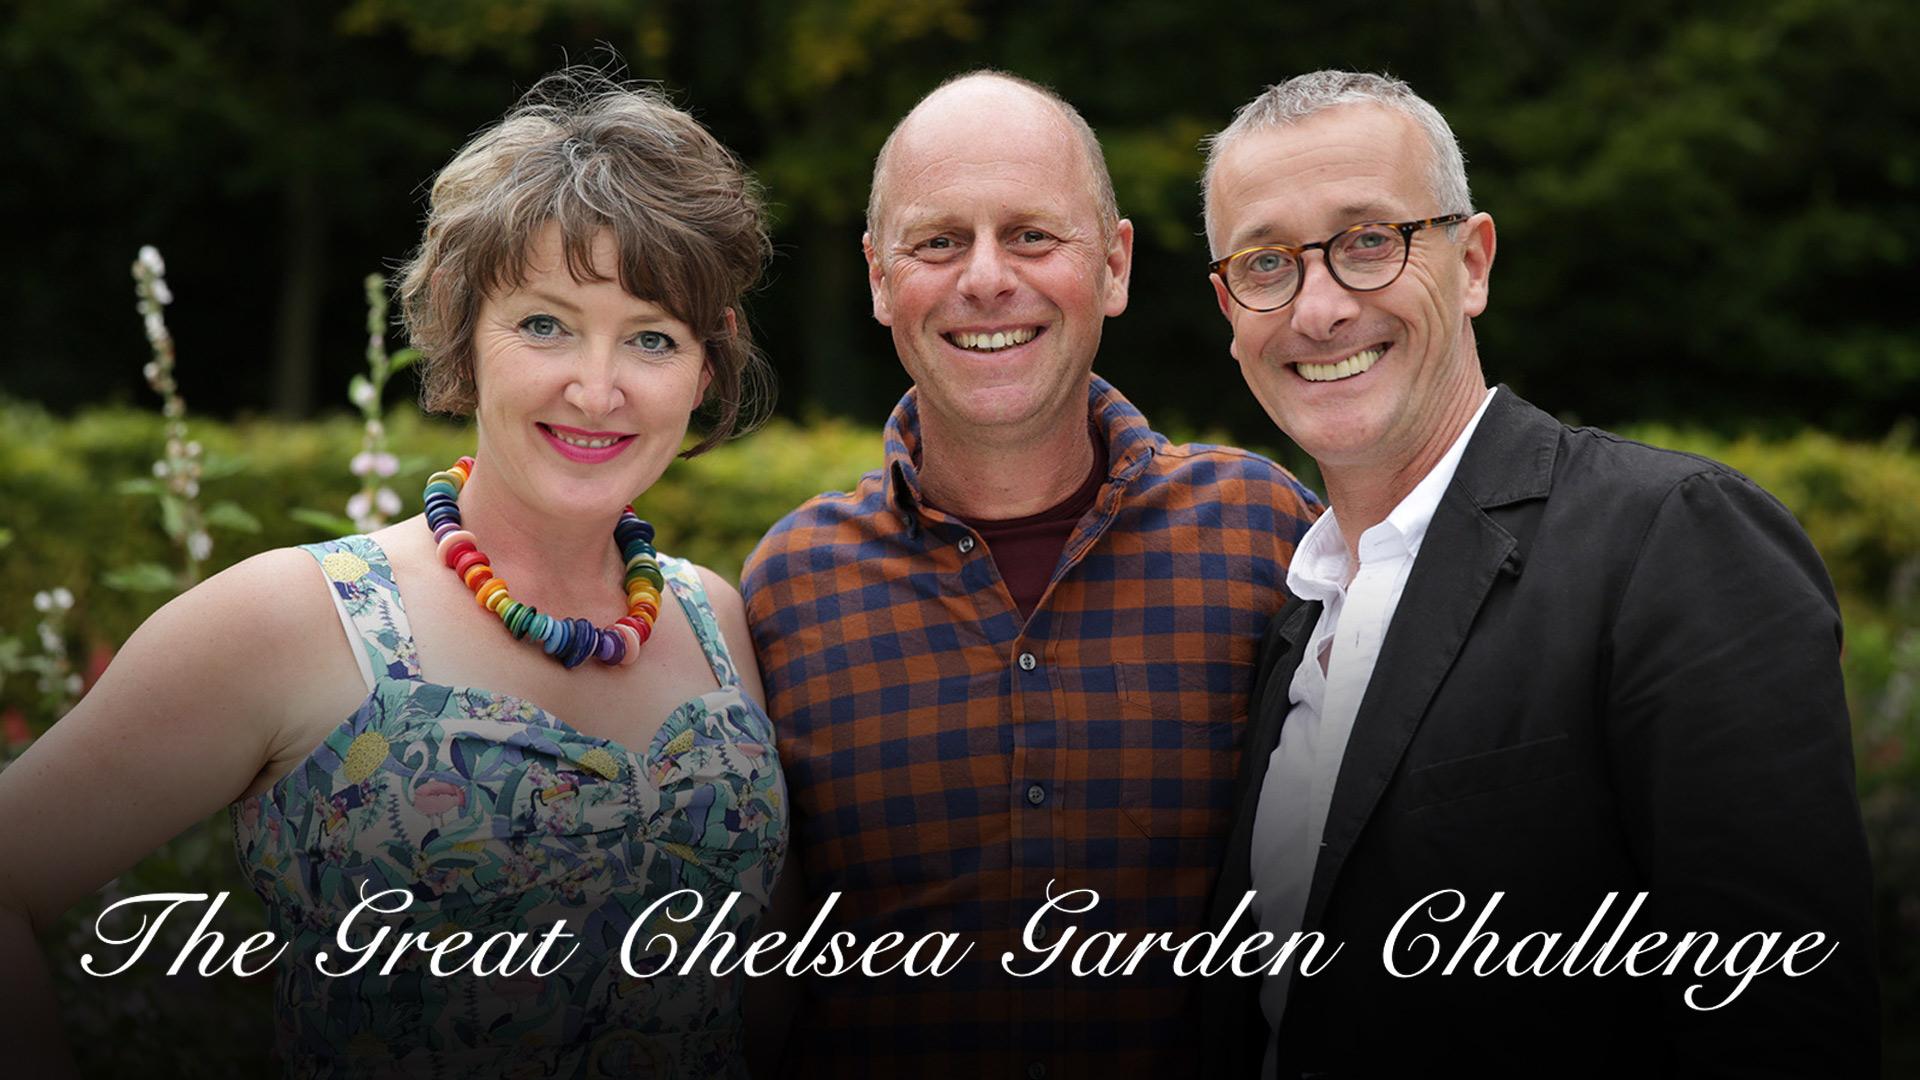 The Great Chelsea Garden Challenge